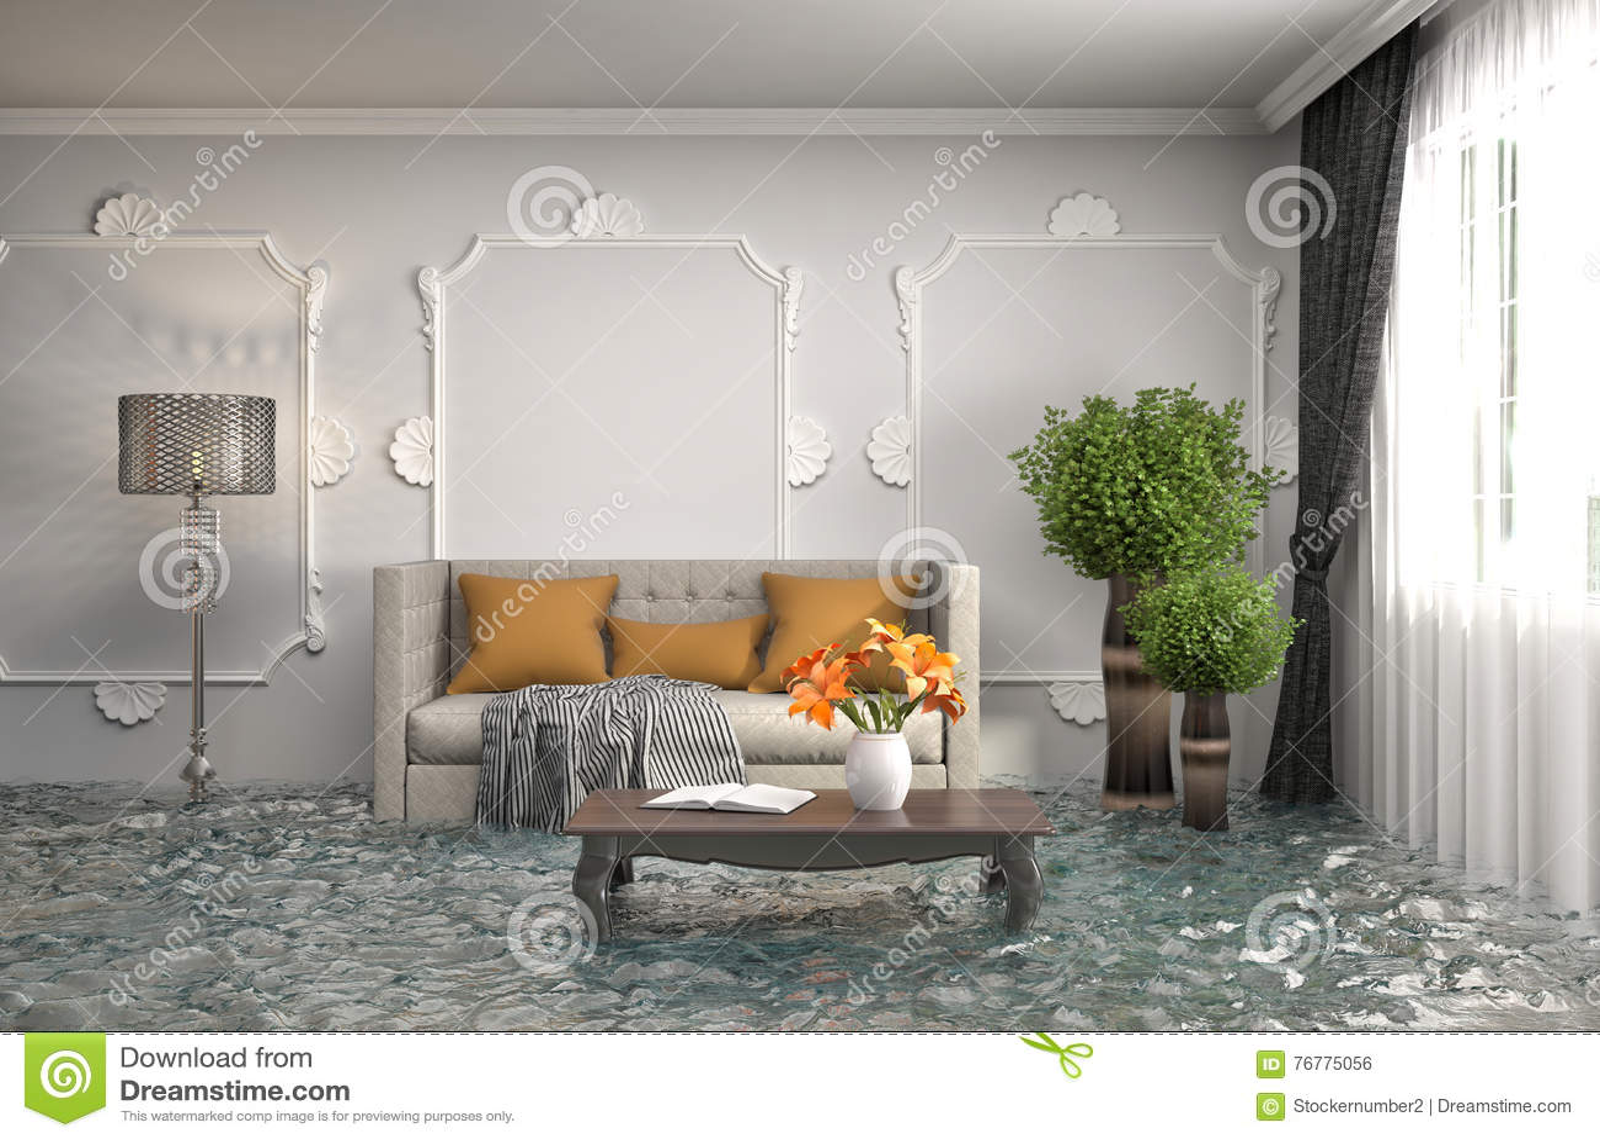 Int rieur de la maison inond e avec de l 39 eau illustration for L interieur de la maison